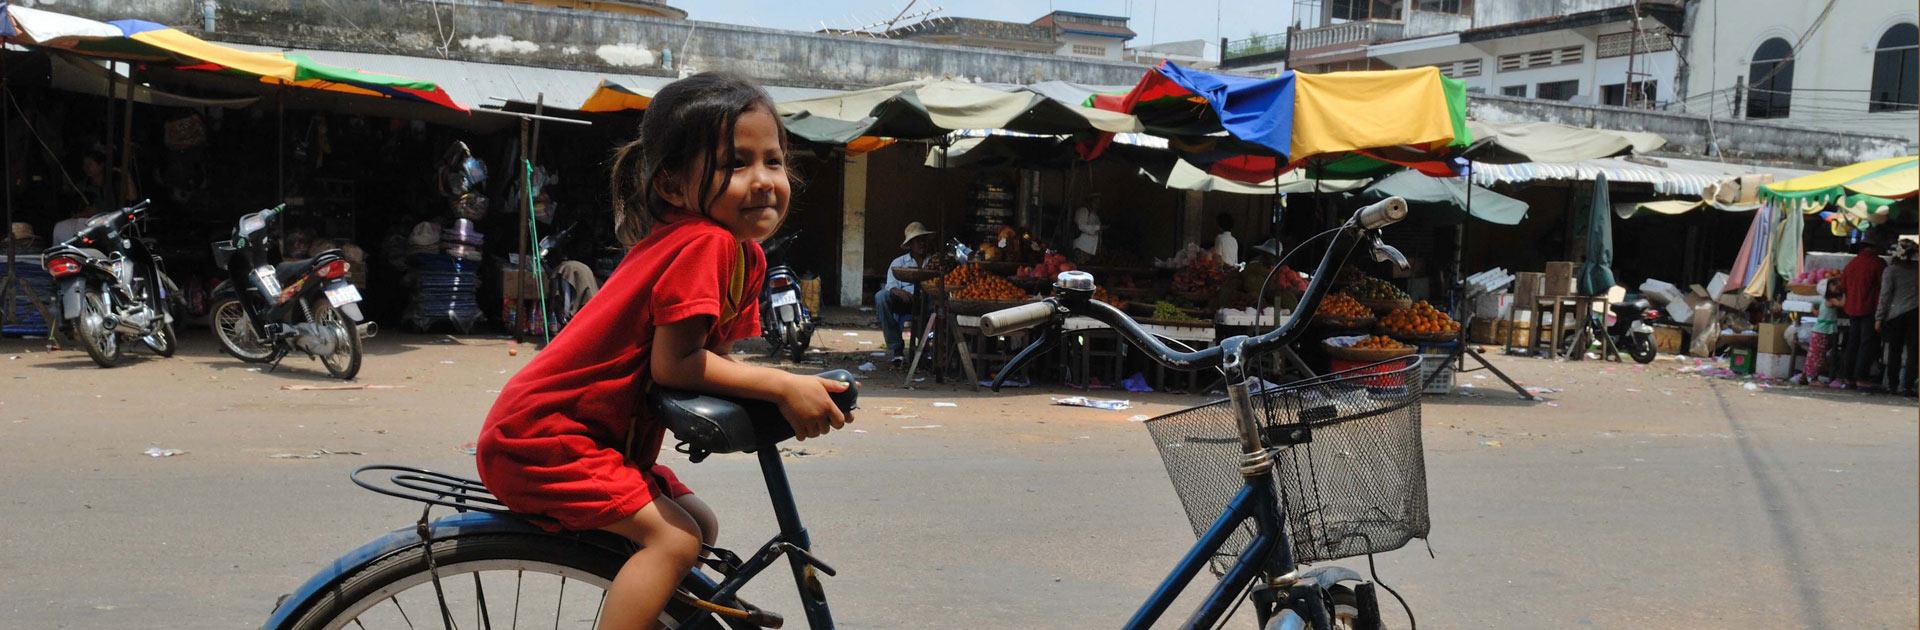 KH Camboya Dorada 16 días 3